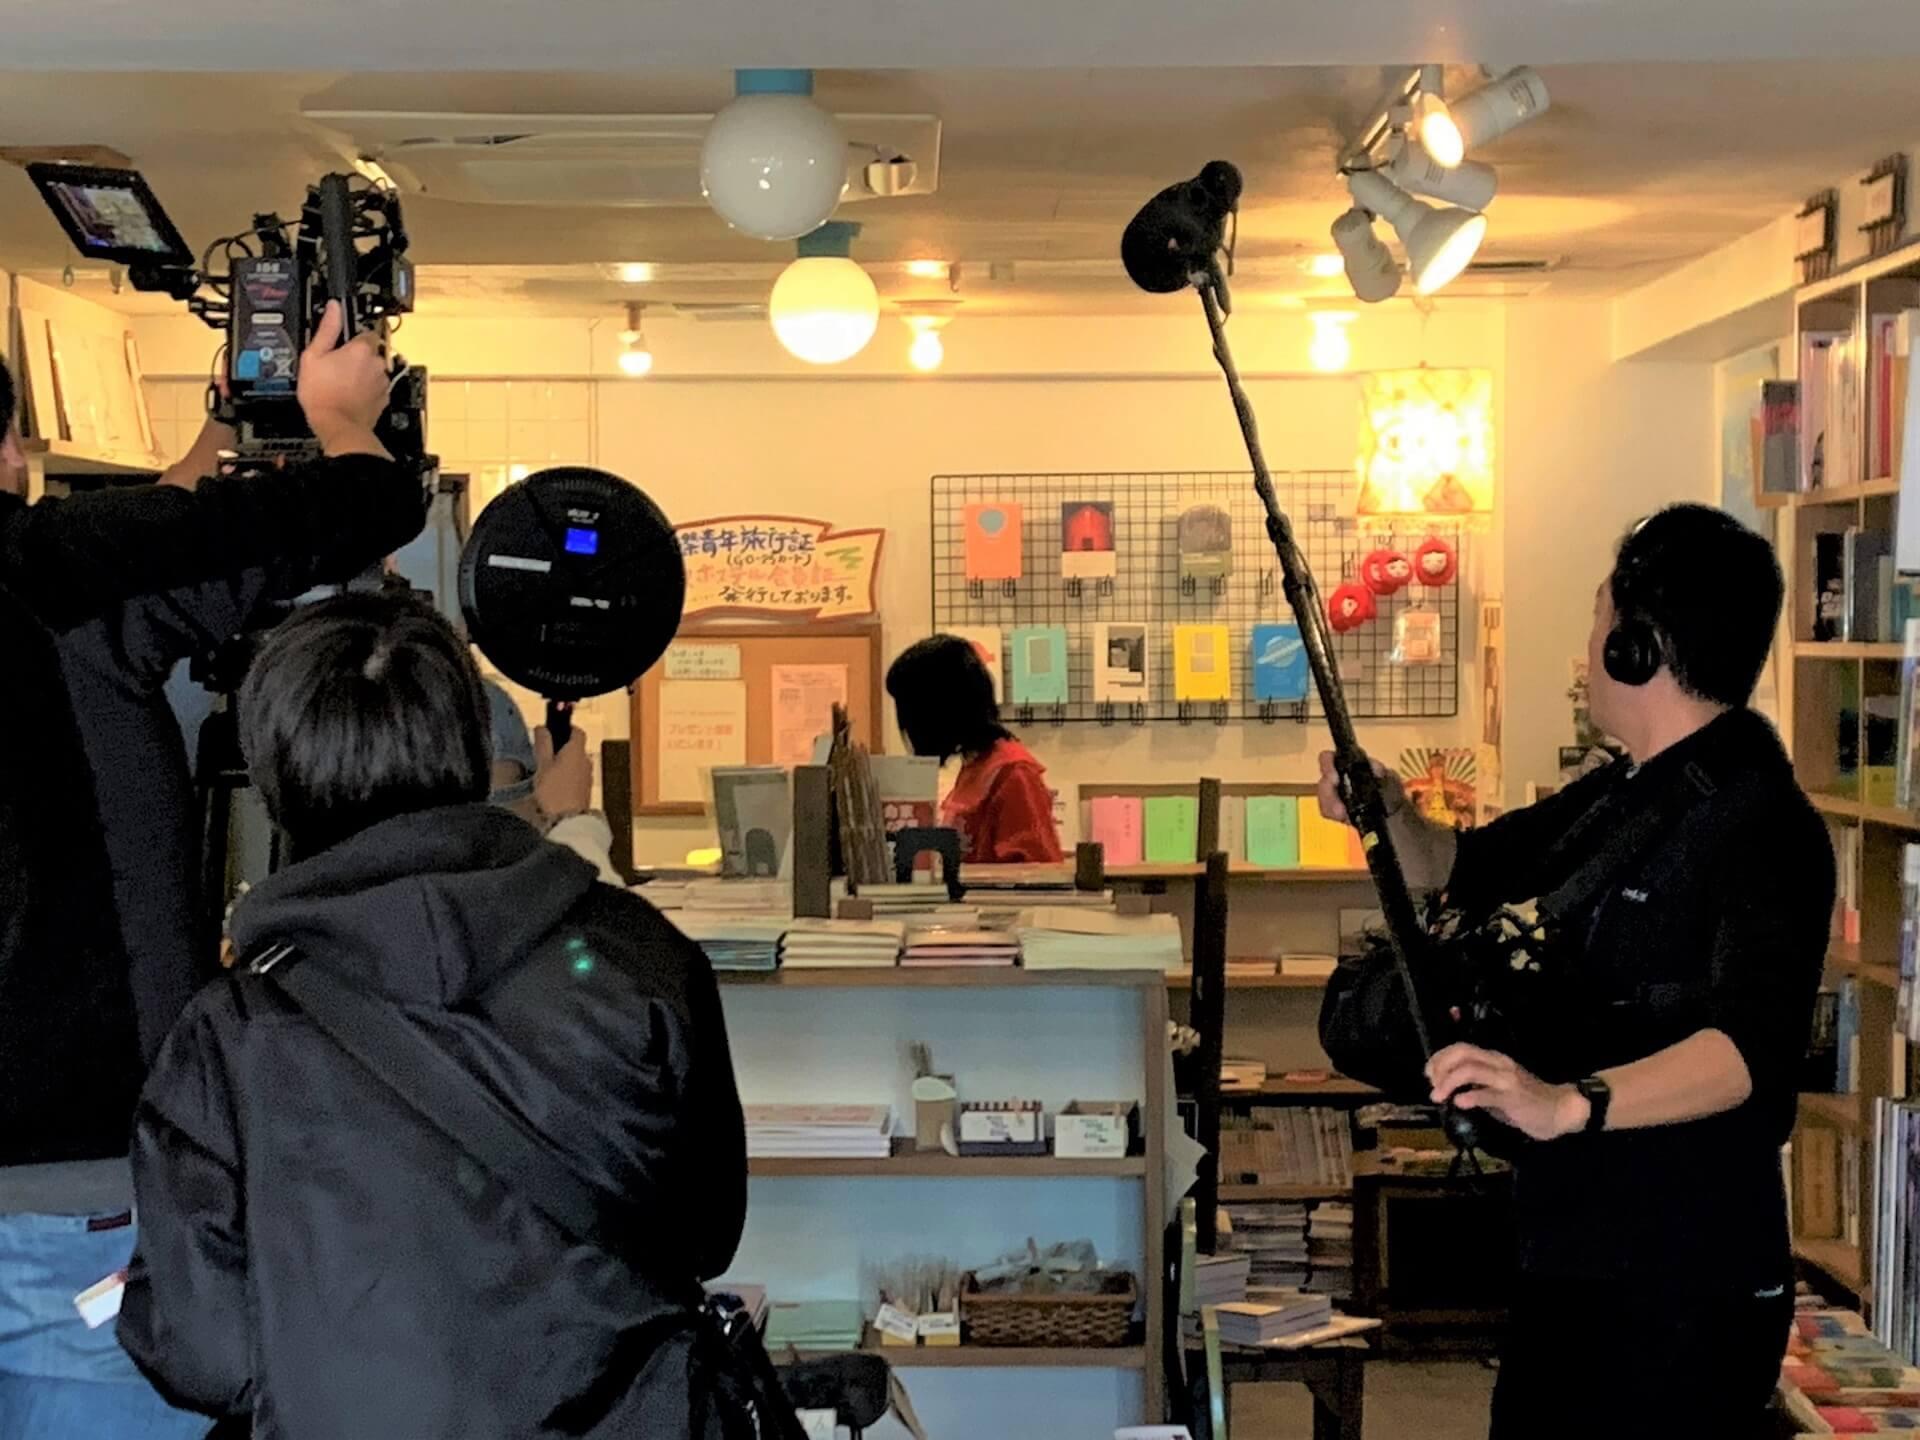 『映画秘宝』、早くも復刊!のん&塚本晋也出演、入江悠監督のYouTube動画『HIHO RETURNS』も公開 film200325_eigahiho_3